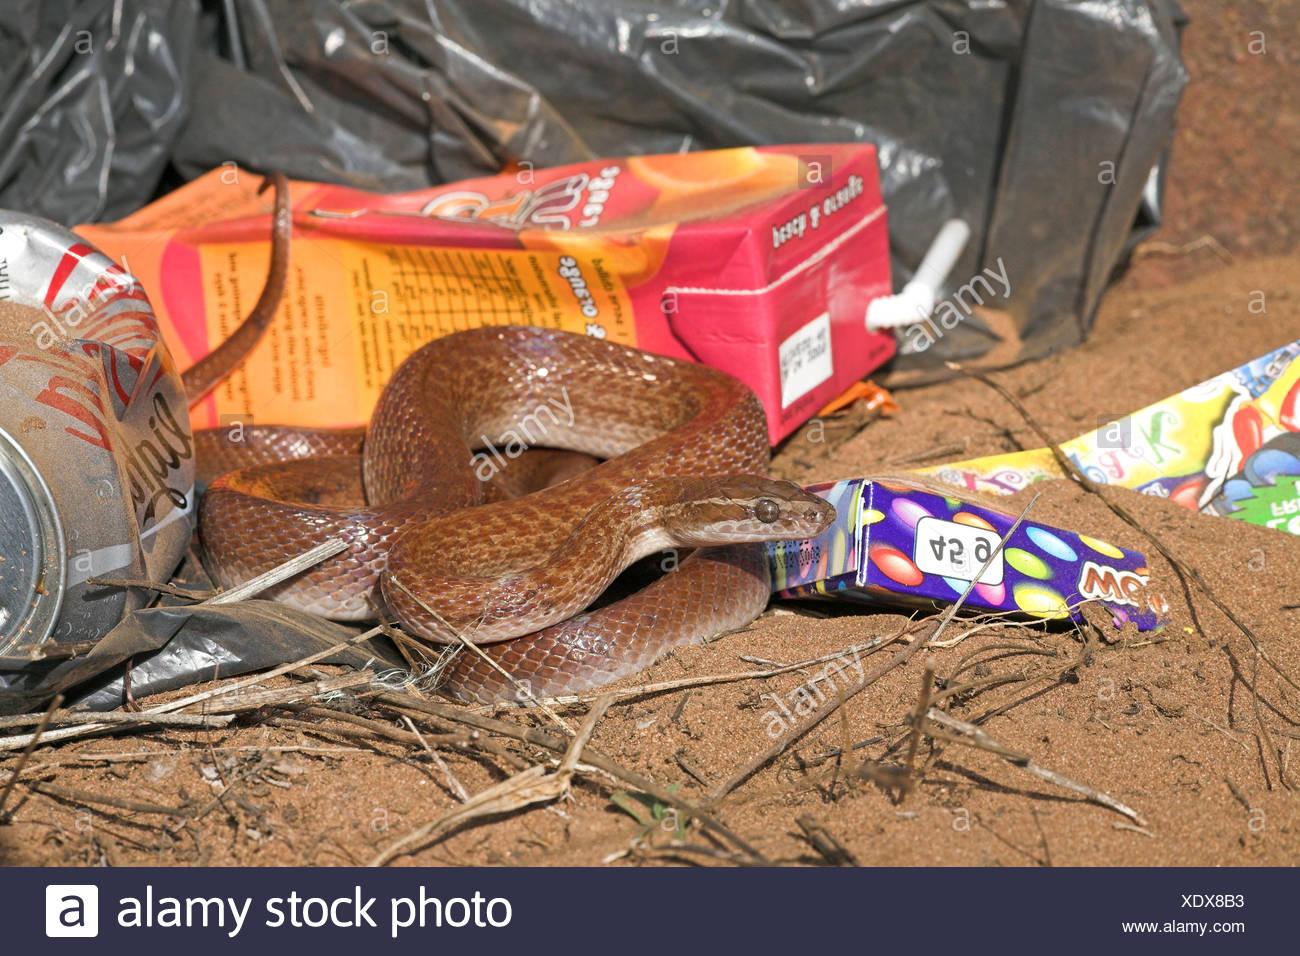 Photo d'une maison colorée marron serpent entre les ordures, brown house serpents vivent souvent autour de l'homme comme ils chassent pour les souris et les rats qui sont attirés par eux. Photo Stock